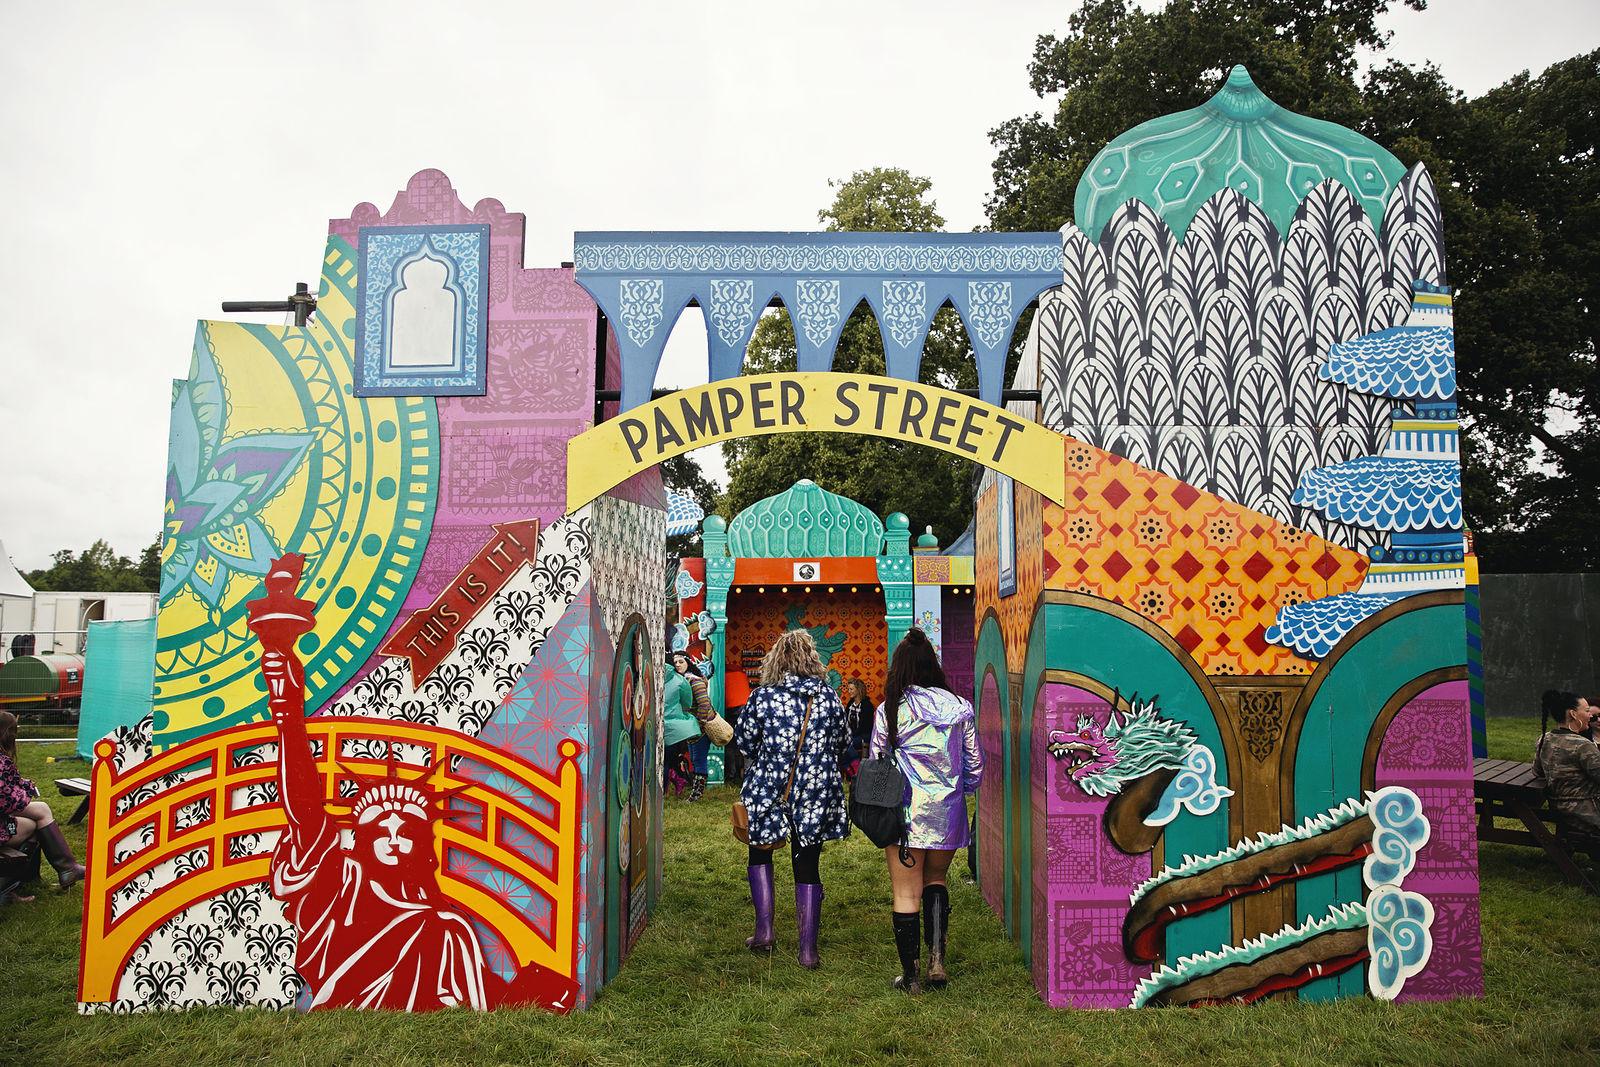 V Festival 2016 - PAMPER STREET